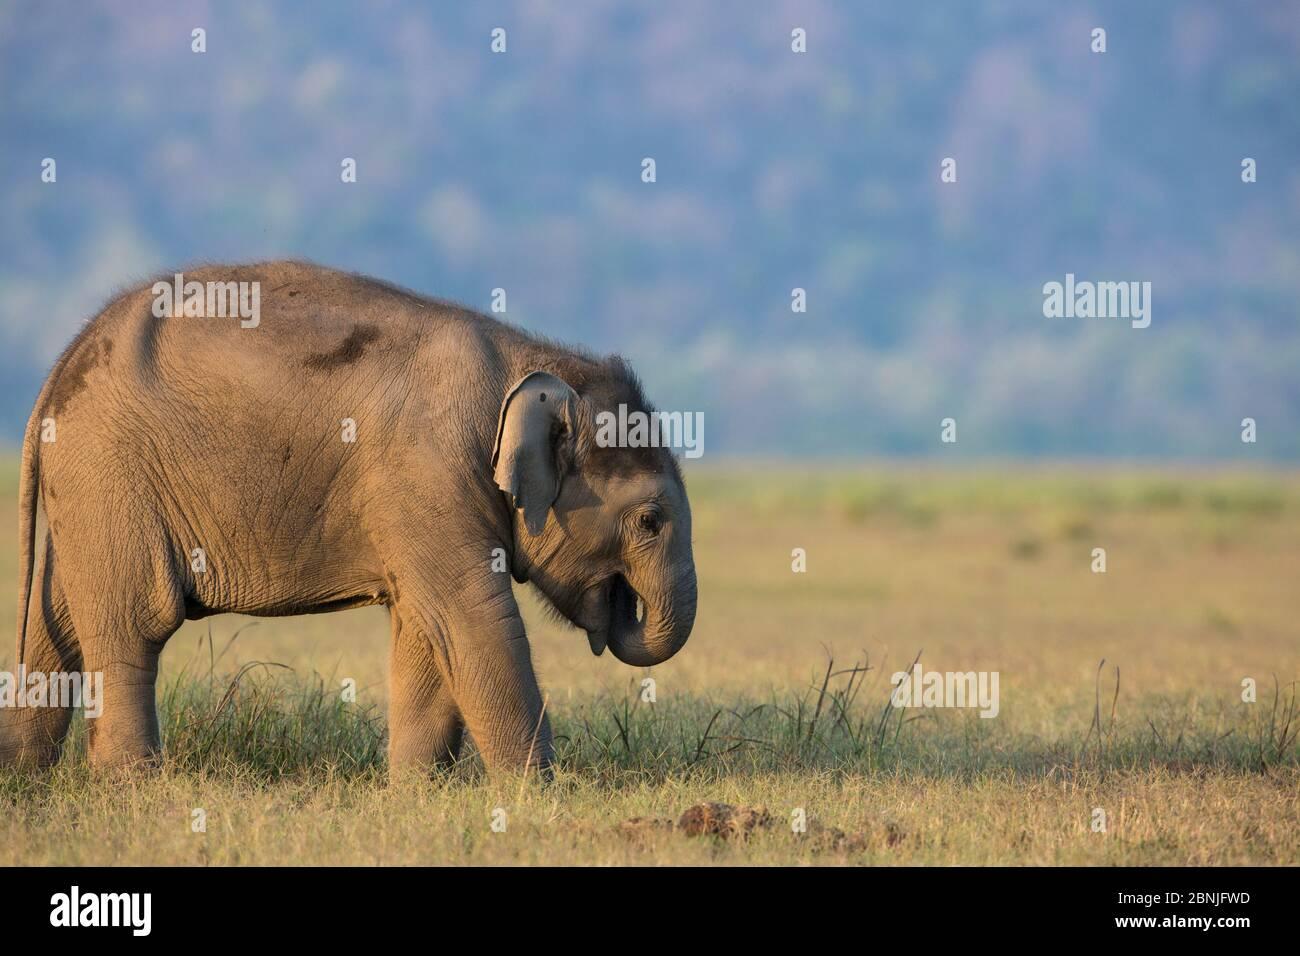 Éléphant asiatique (Elepha maxima), jeune veau se nourrissant de l'herbe, parc national Jim Corbett, Inde. Banque D'Images